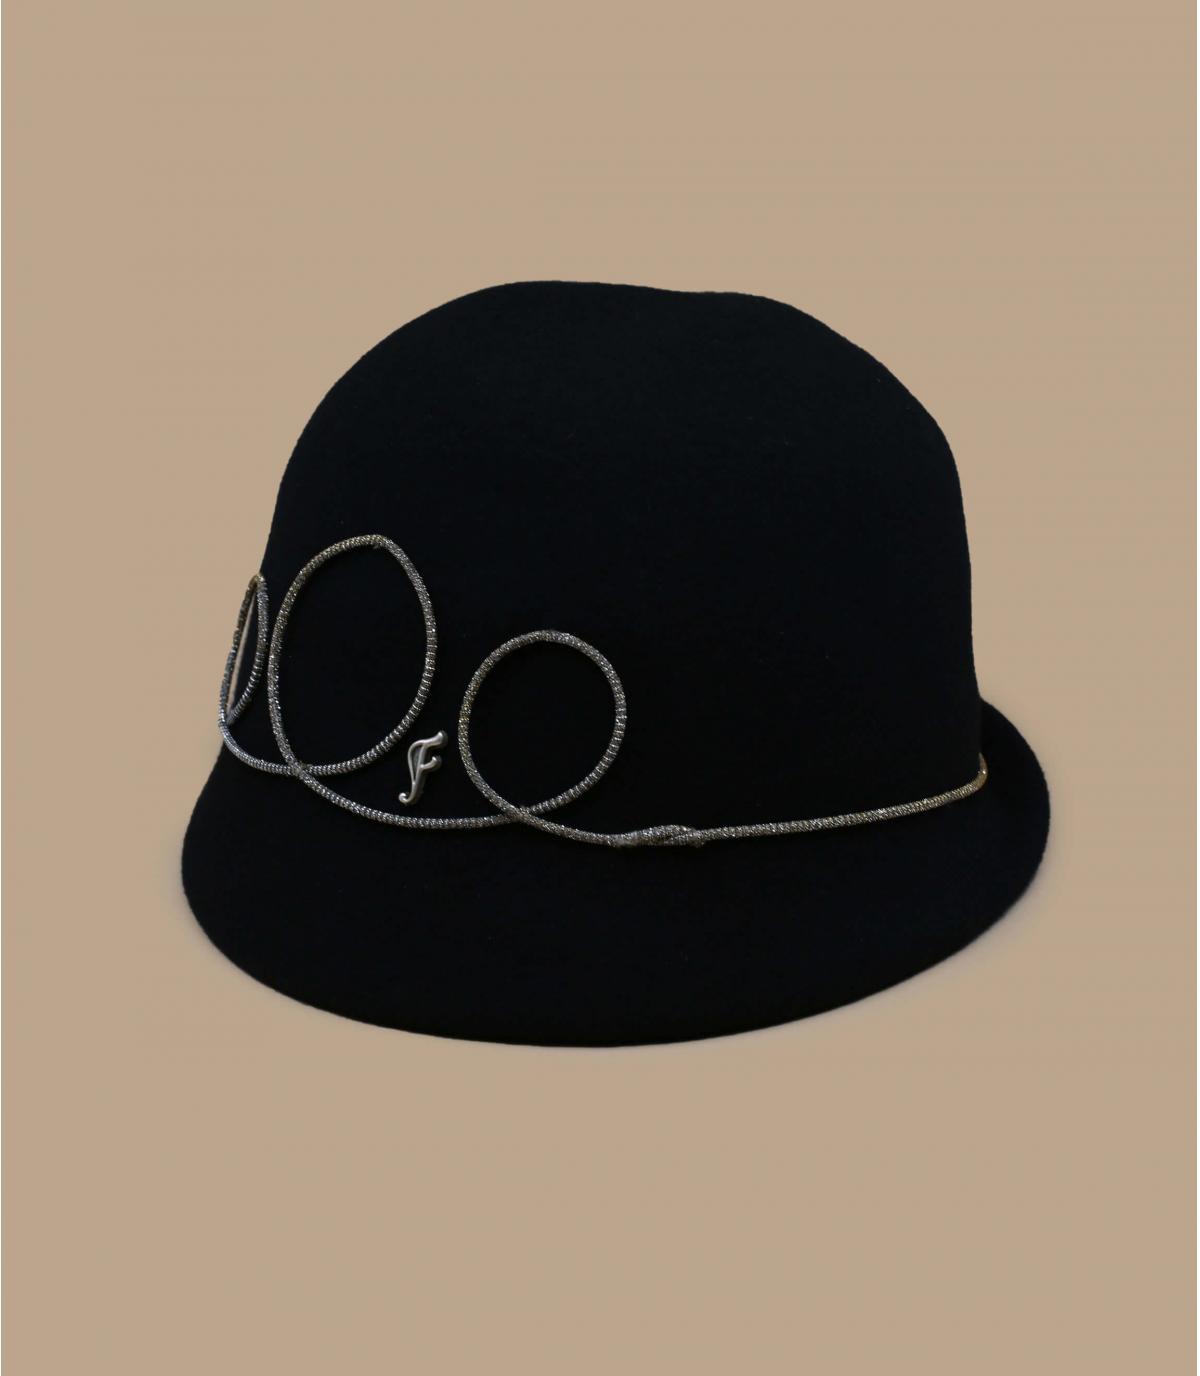 Glockenhut schwarz